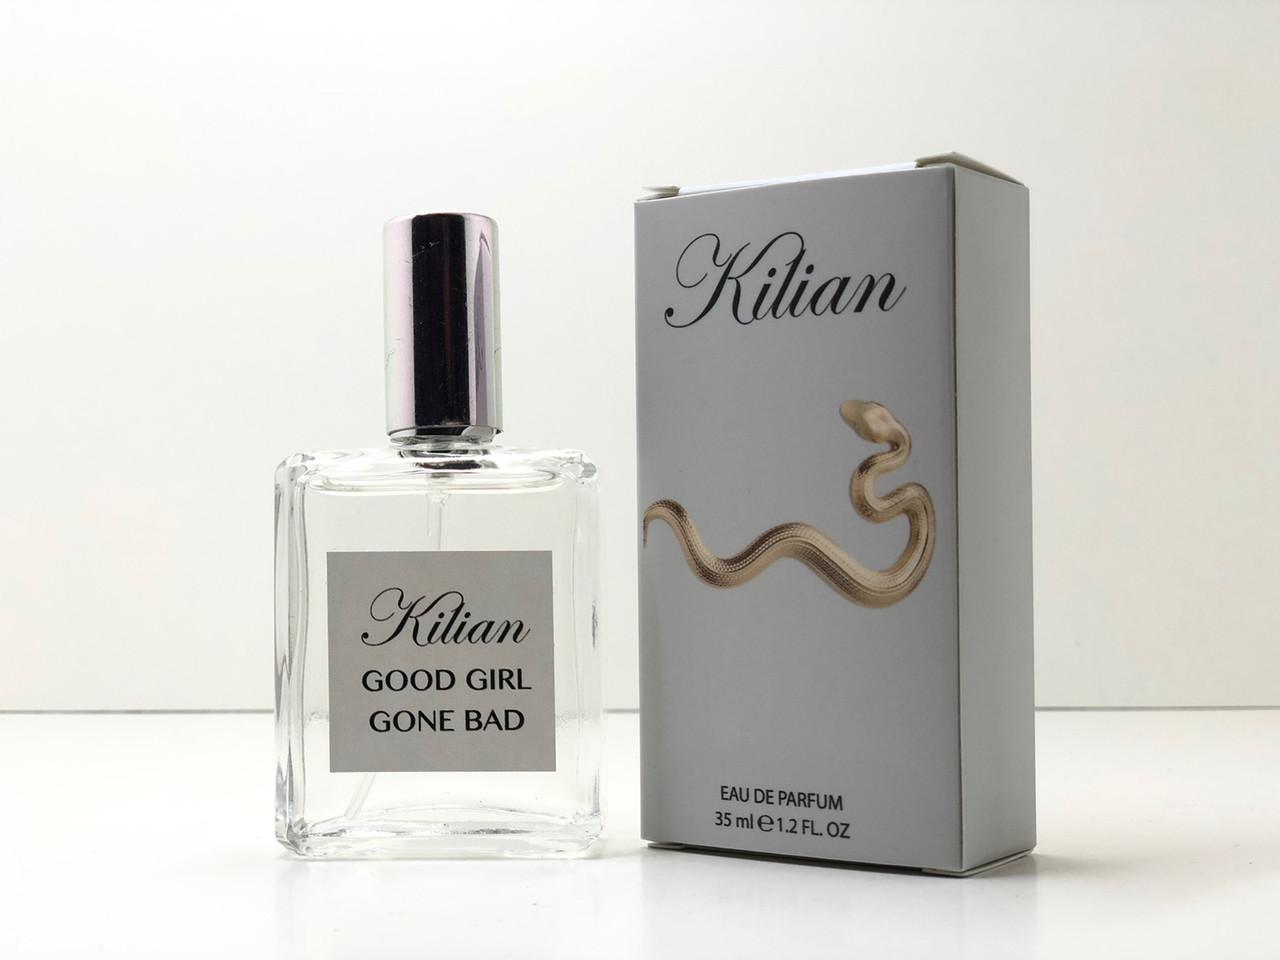 Мини парфюм  Kilian Good Girl Gone Bad (Килиан Гуд Гёрл Ган Бэд) 35 мл